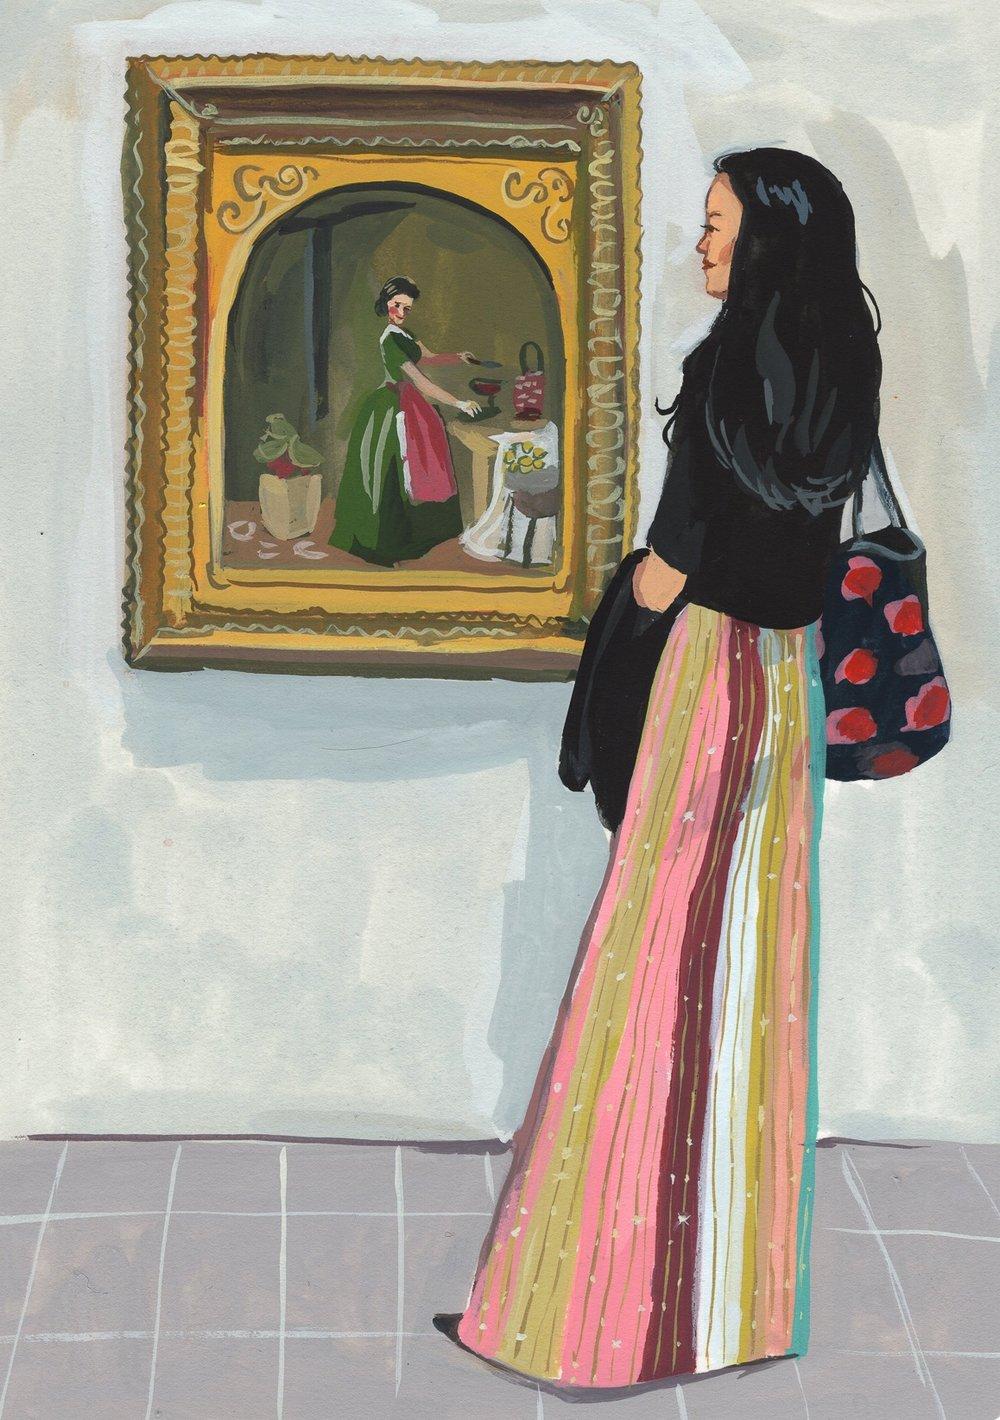 SOI 61 2018 - ARTIST: Jenny KroikTITLE: Carla Shen [3 of 6]